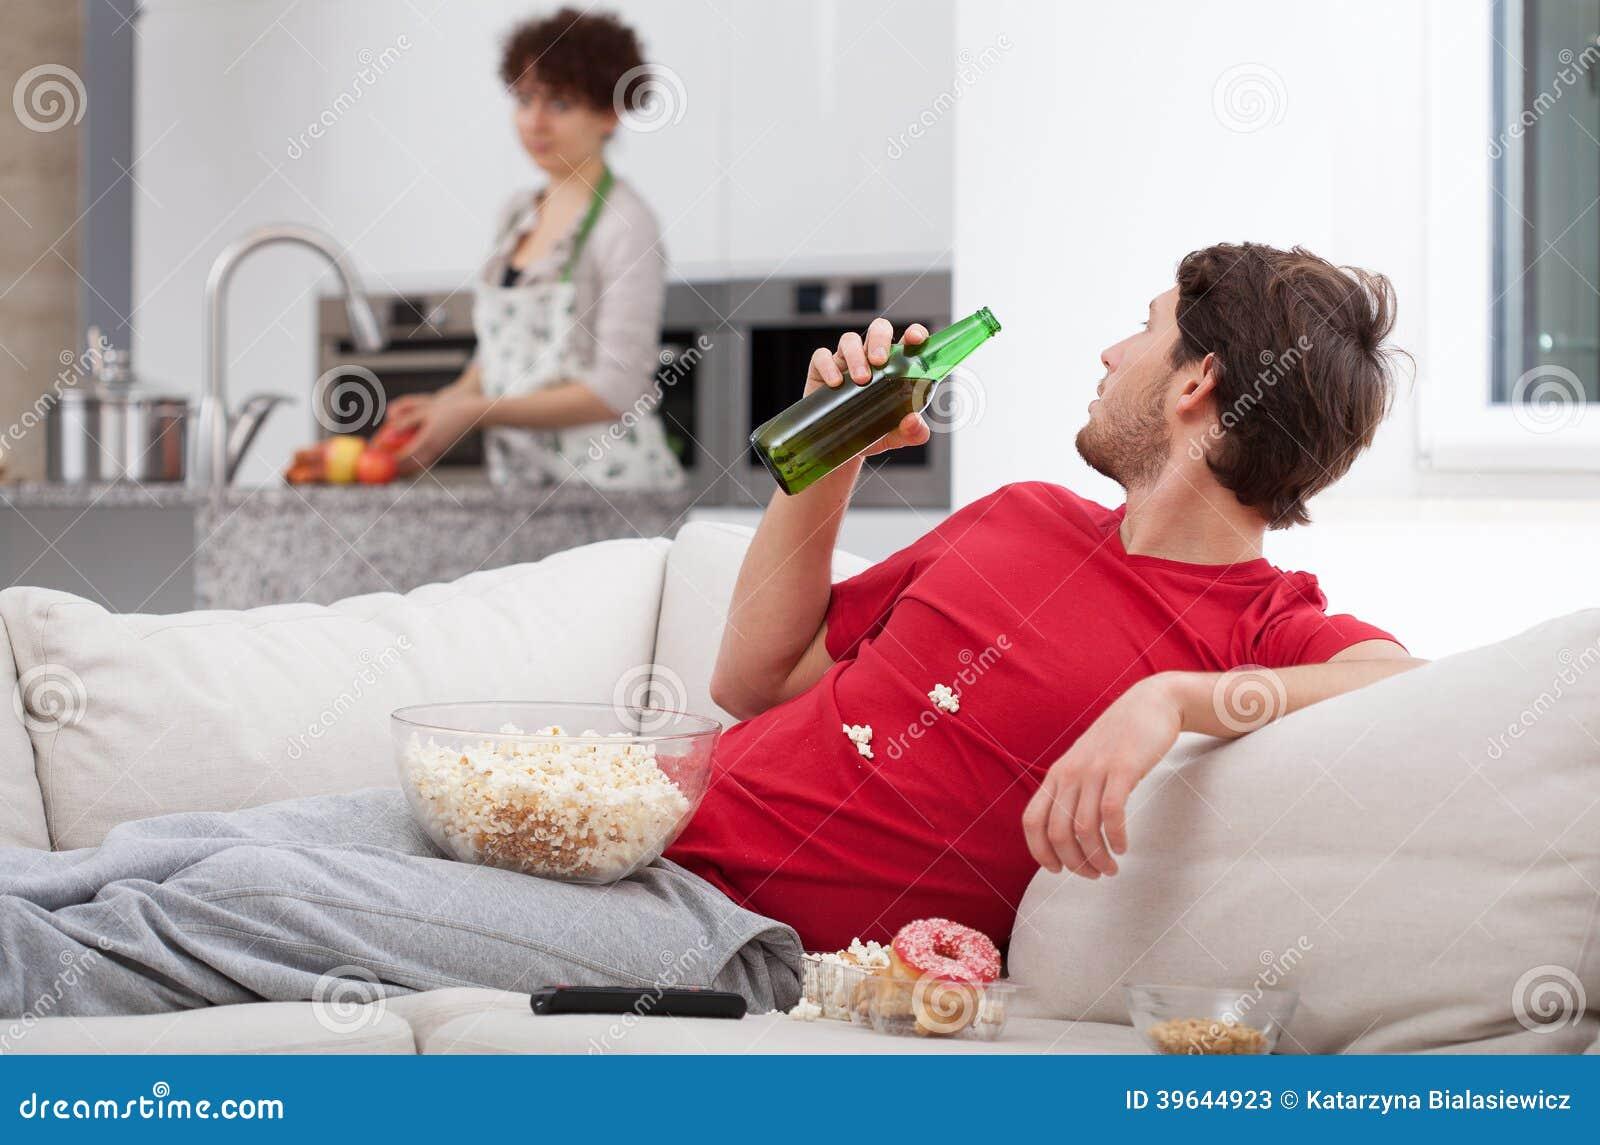 Фото жена на диване 16 фотография